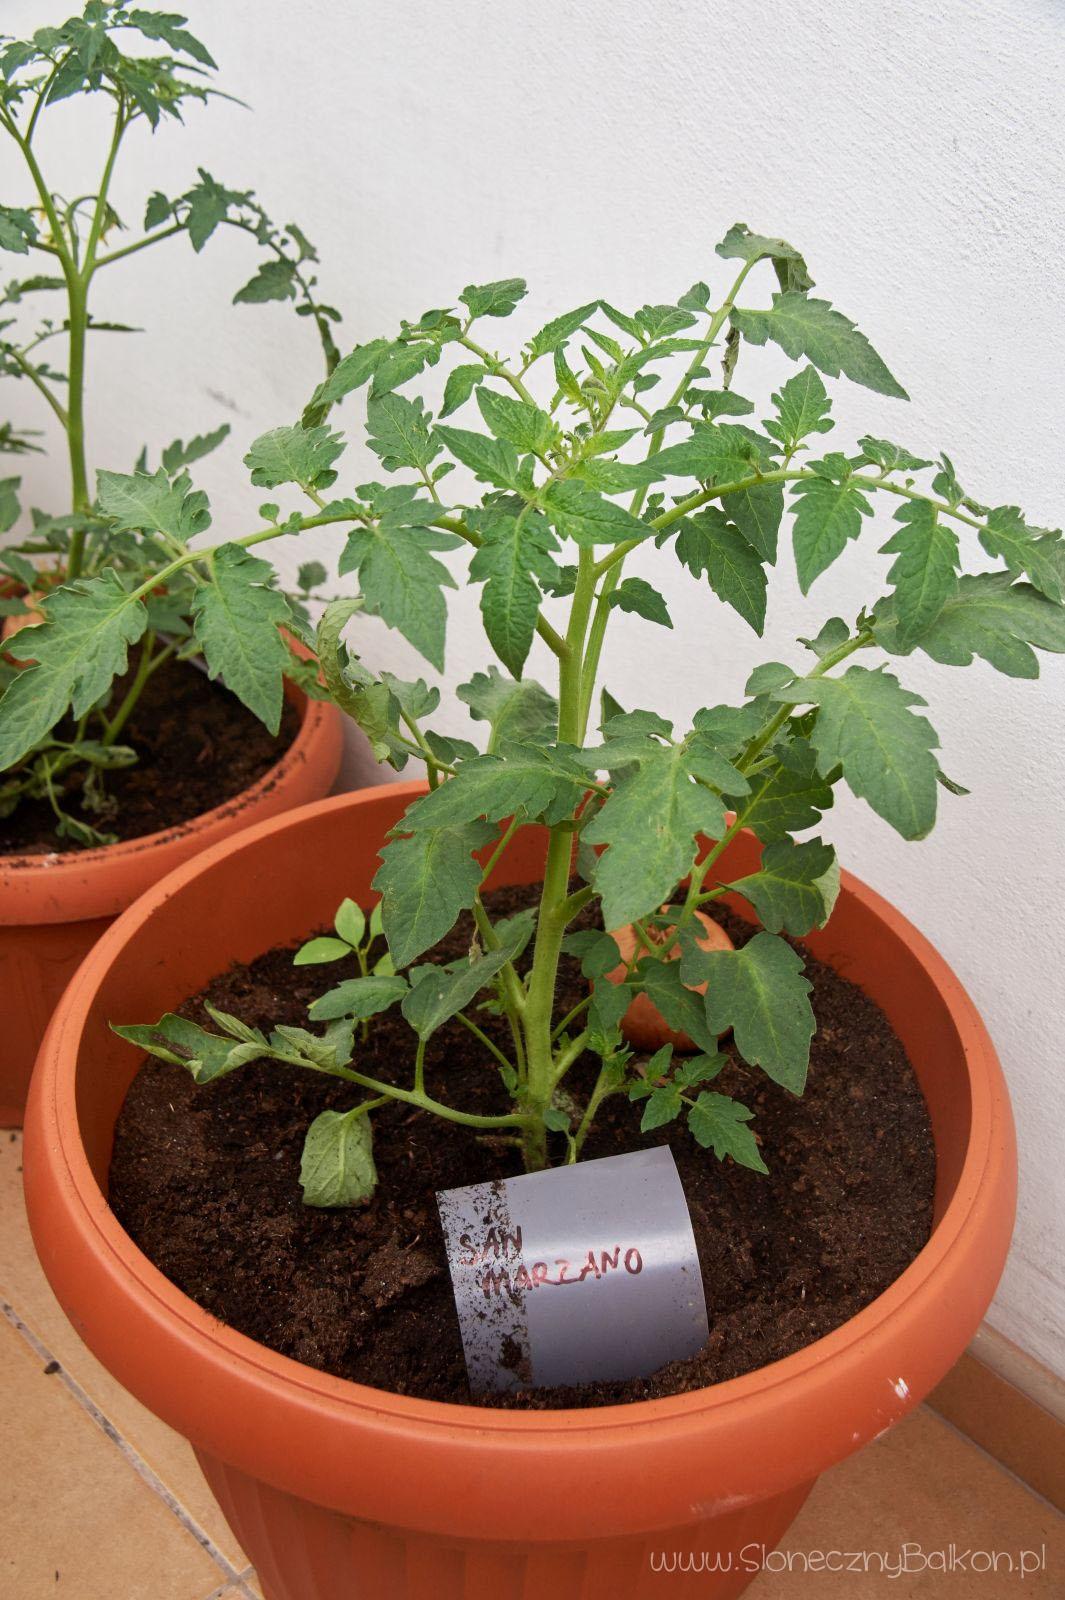 2016-05-29_pomidor-san-marzano